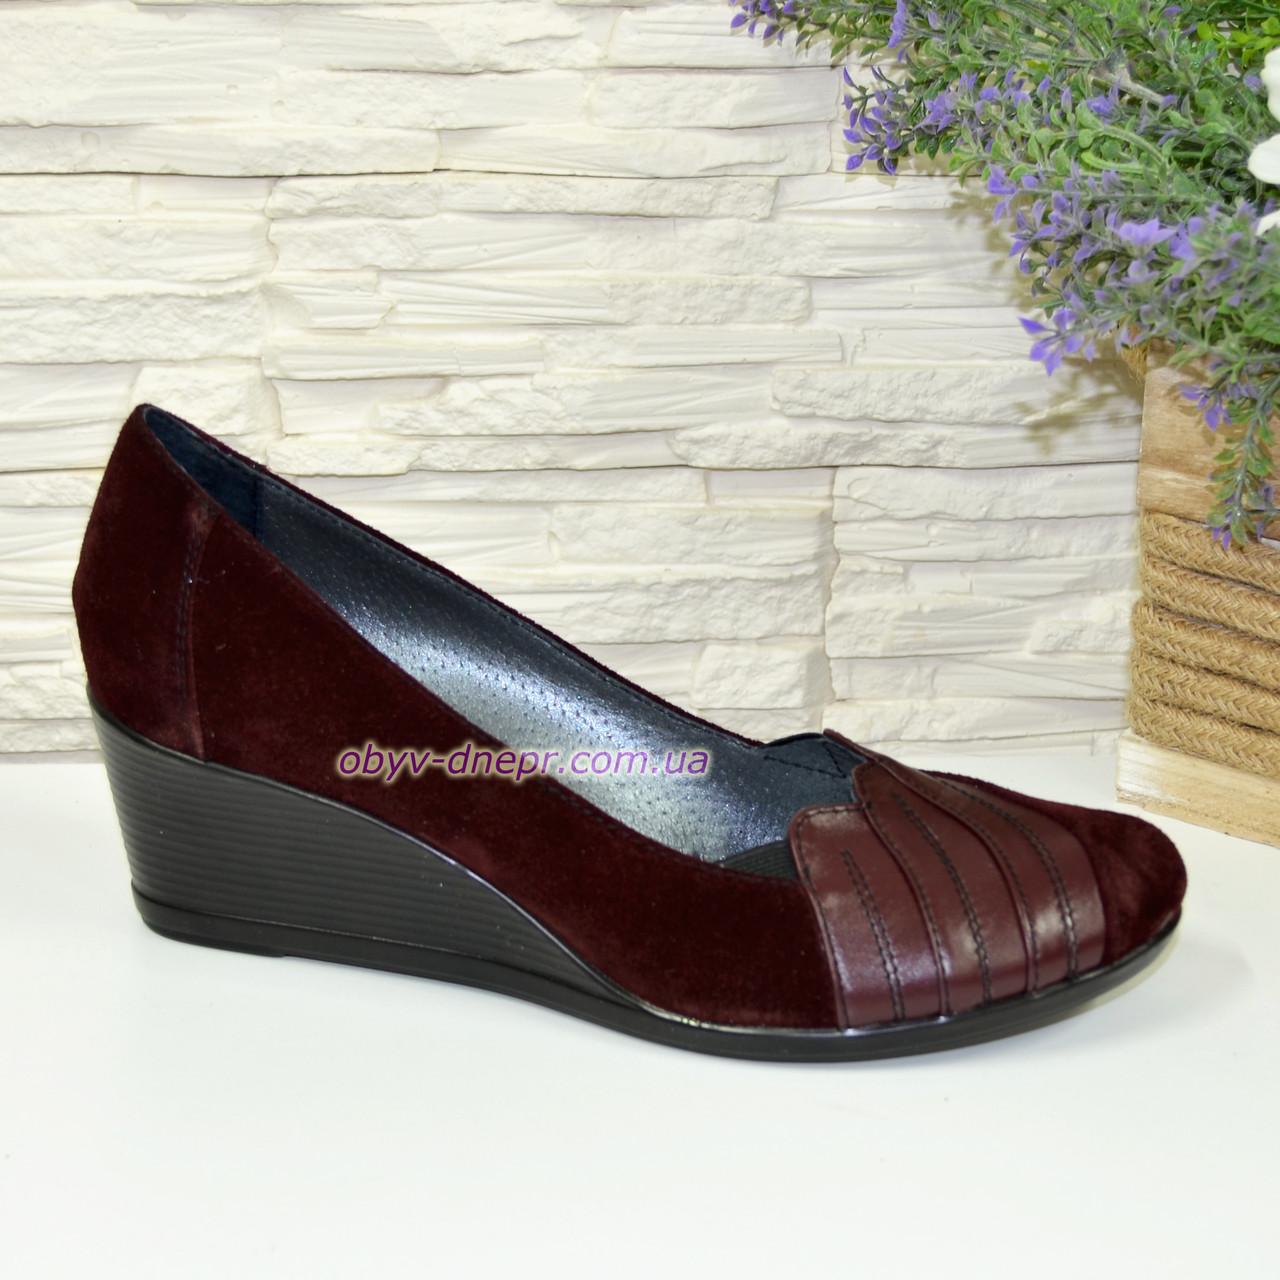 Женские бордовые туфли на танкетке, натуральная кожа и замша